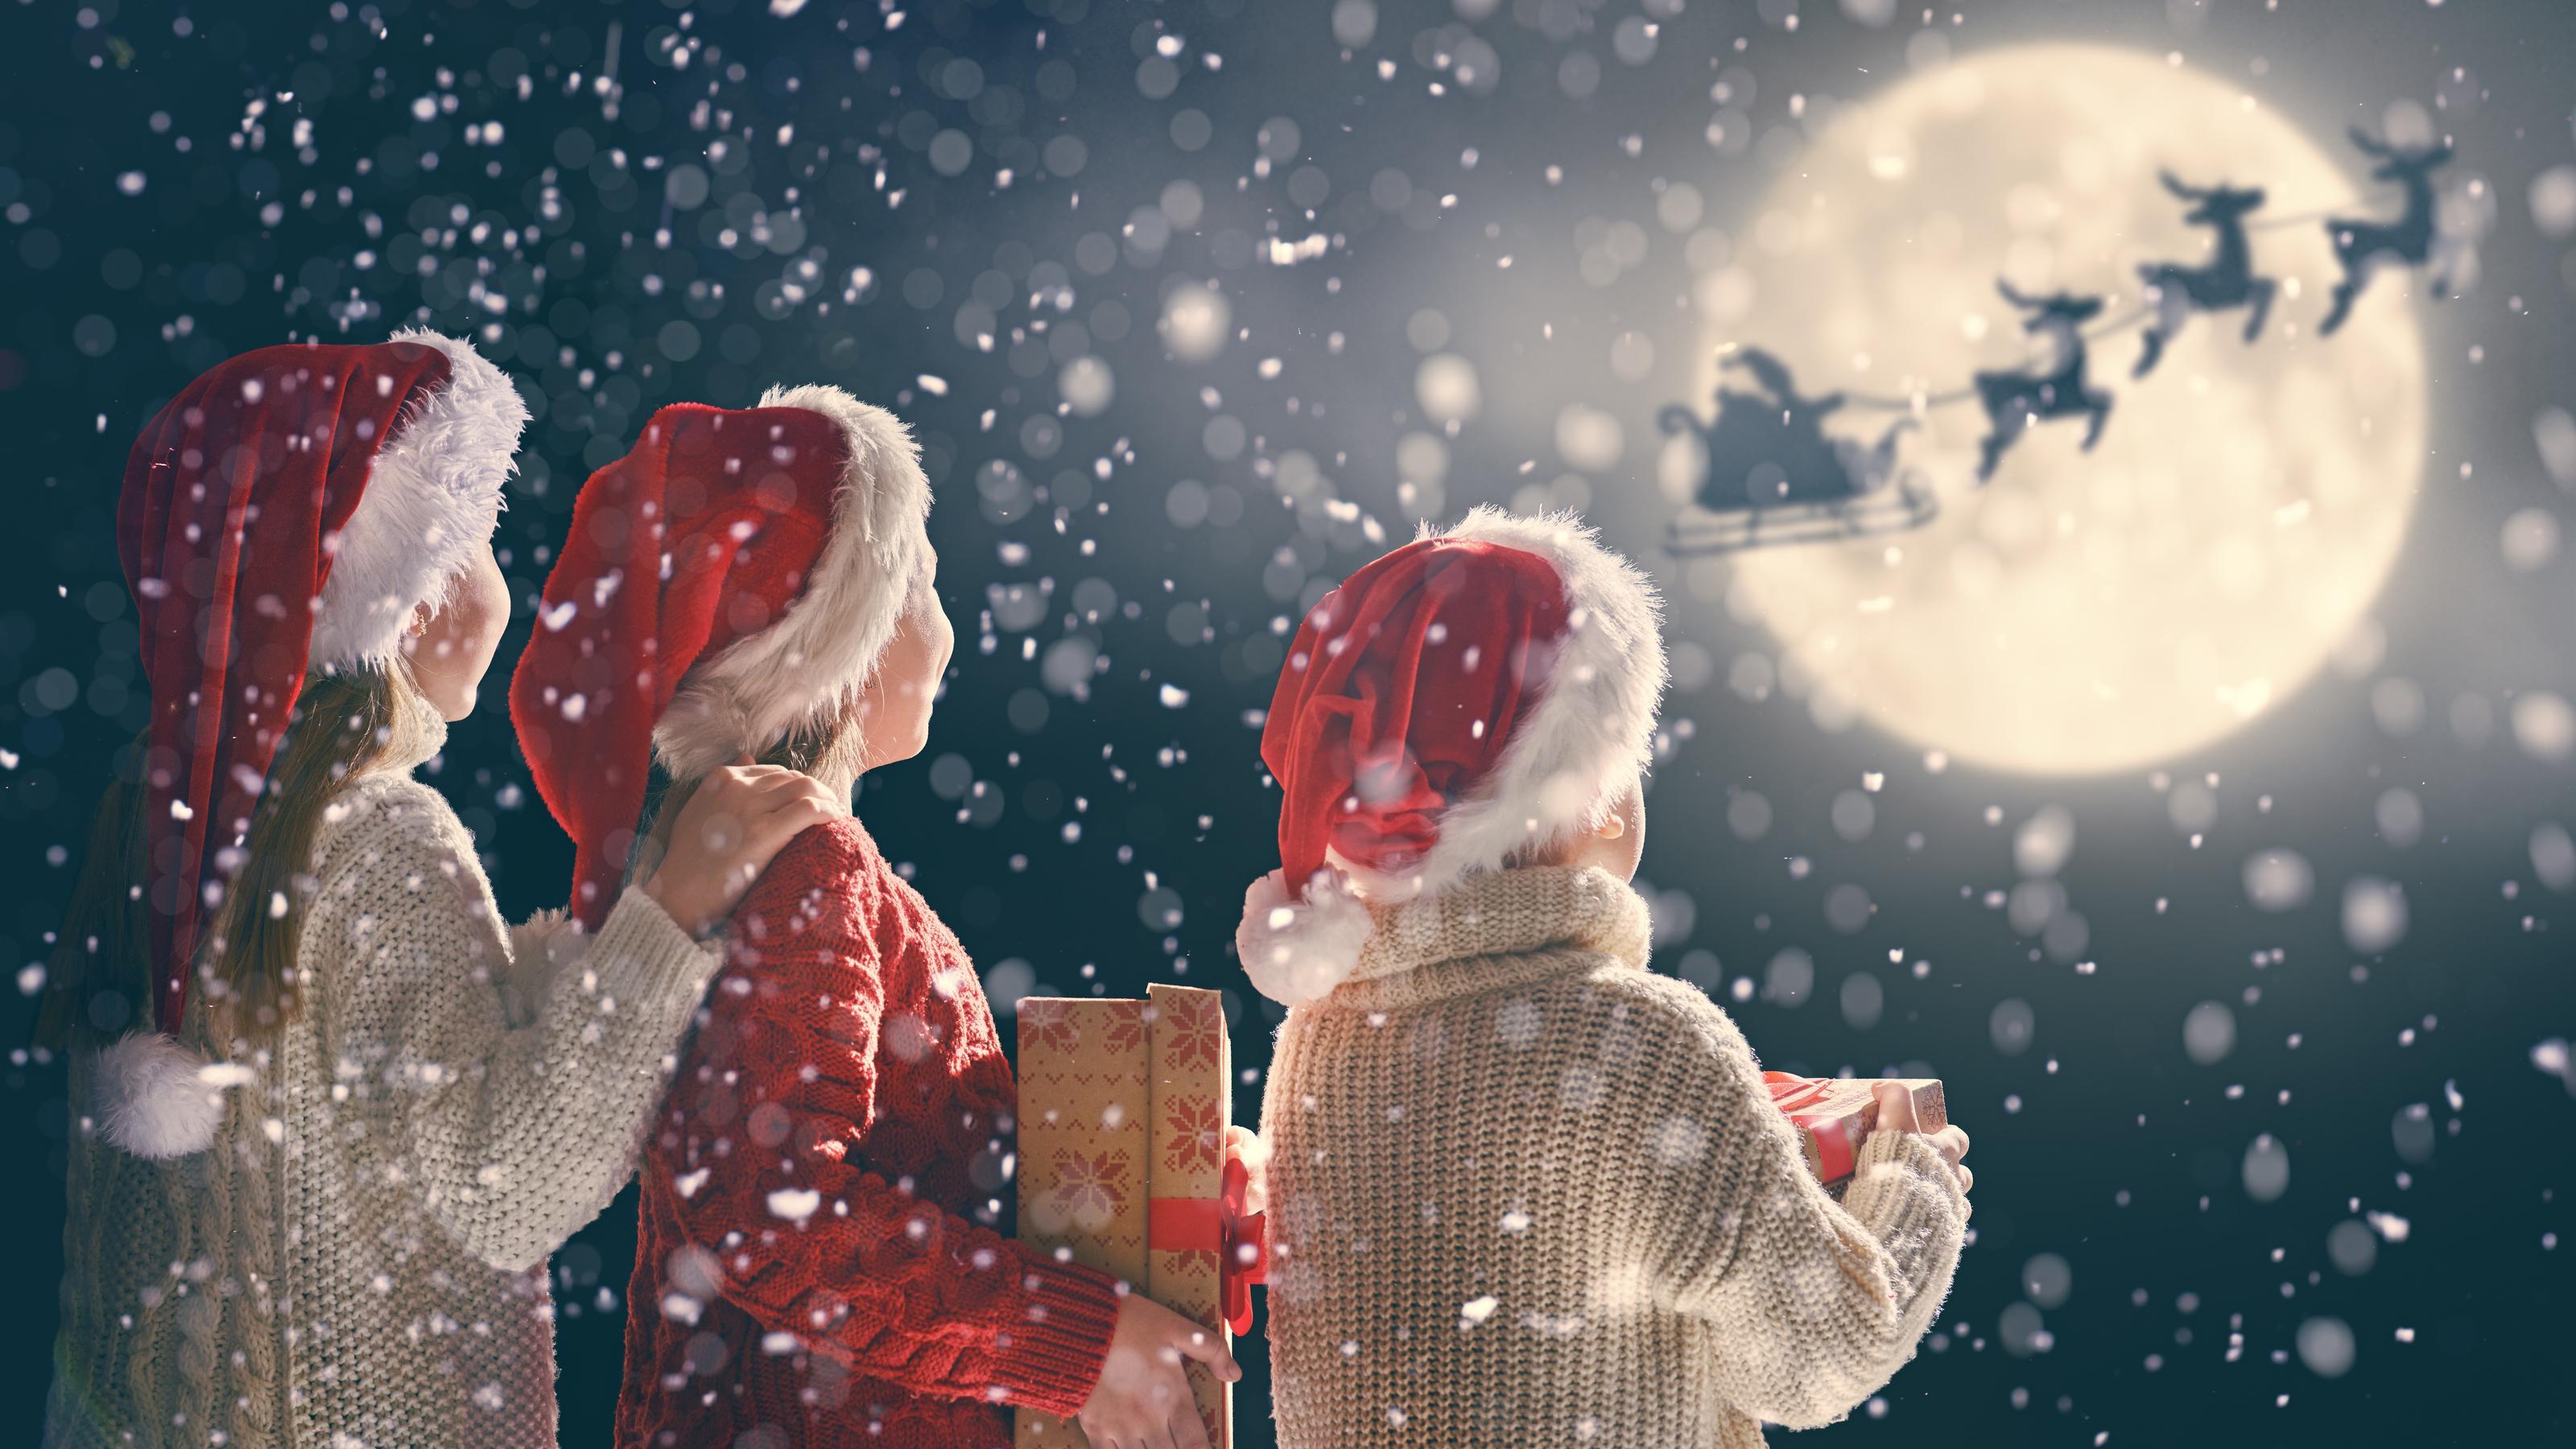 Über 100 gratis Hörbücher zur Weihnachtszeit - Geschichten/Märchen/Lieder/Gedichte (z.Bsp.: Charles Dickens, Brüder Grimm, etc.)